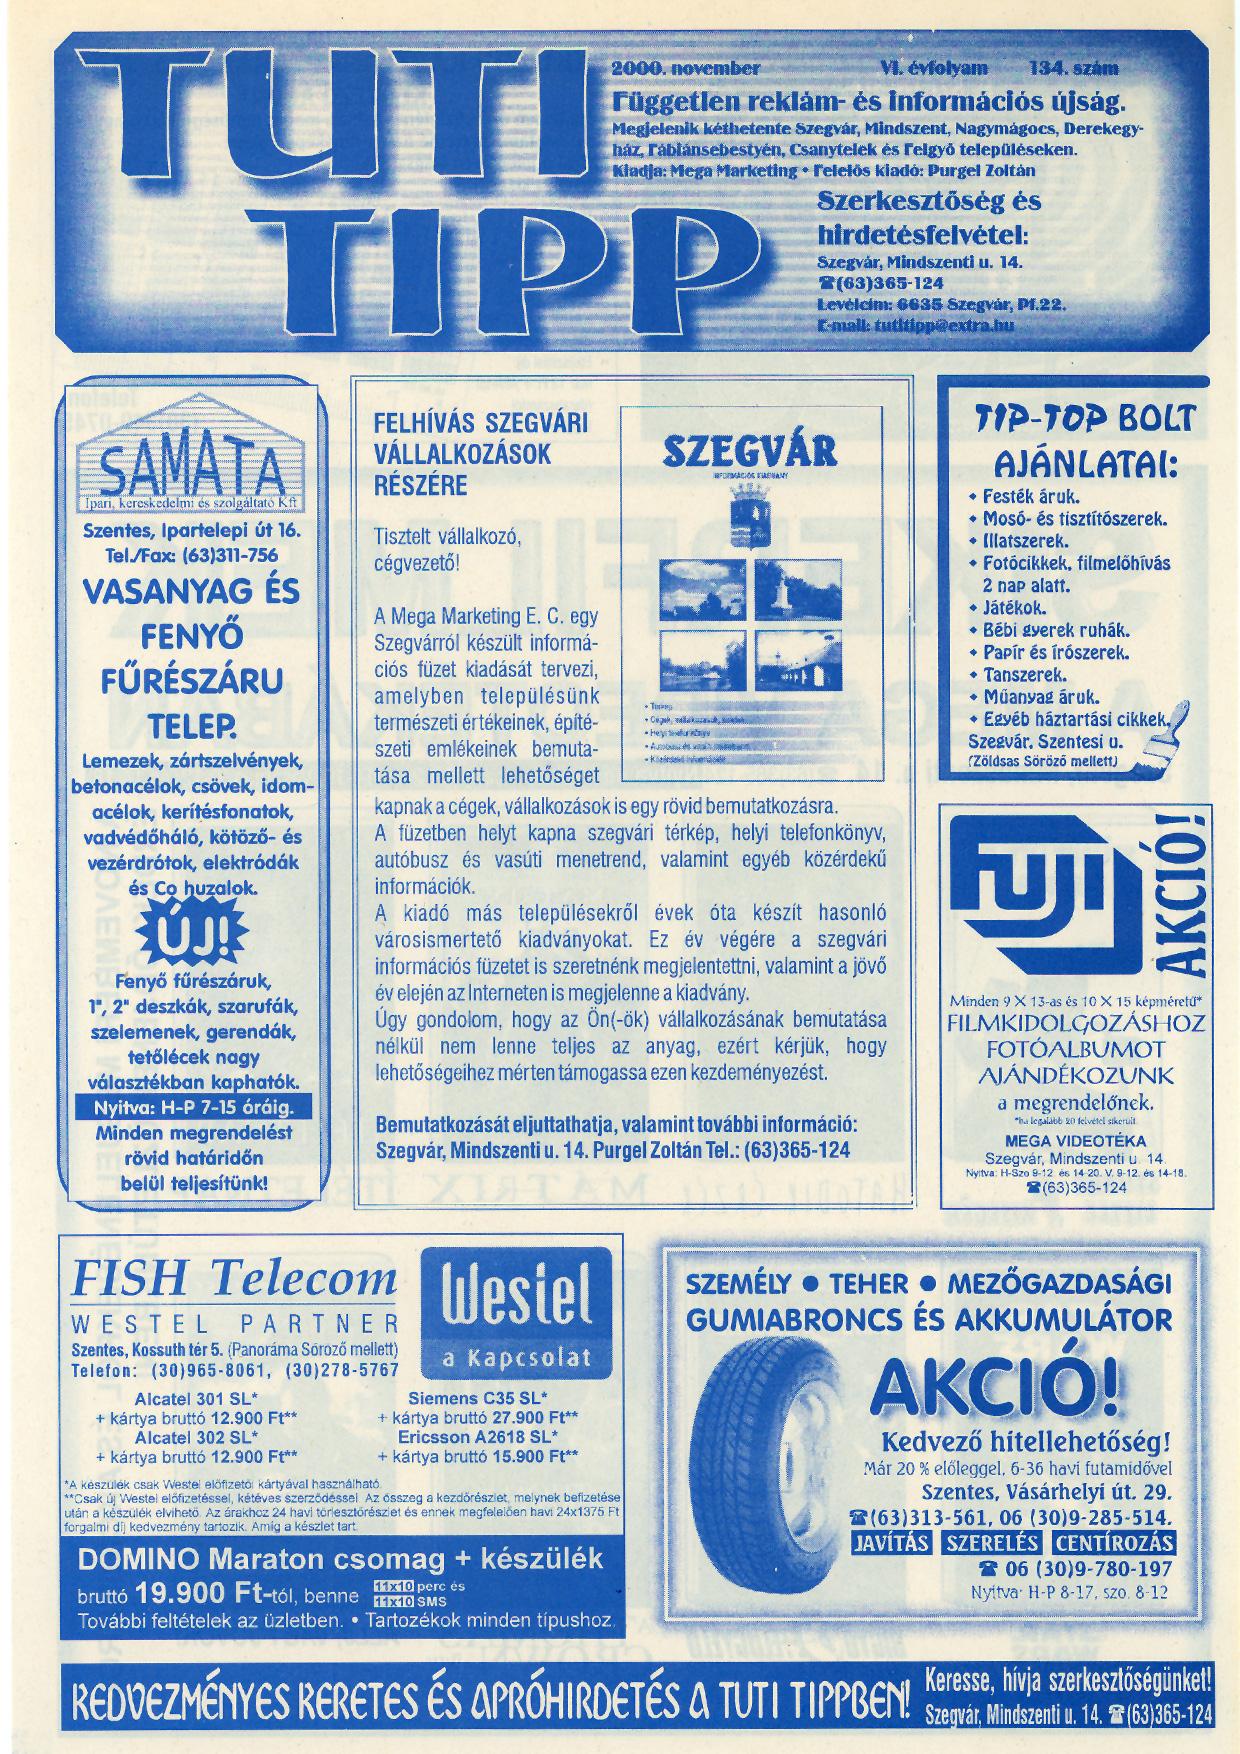 021 Tuti Tipp reklámújság - 200011-134. lapszám - 1.oldal - VI. évfolyam.jpg